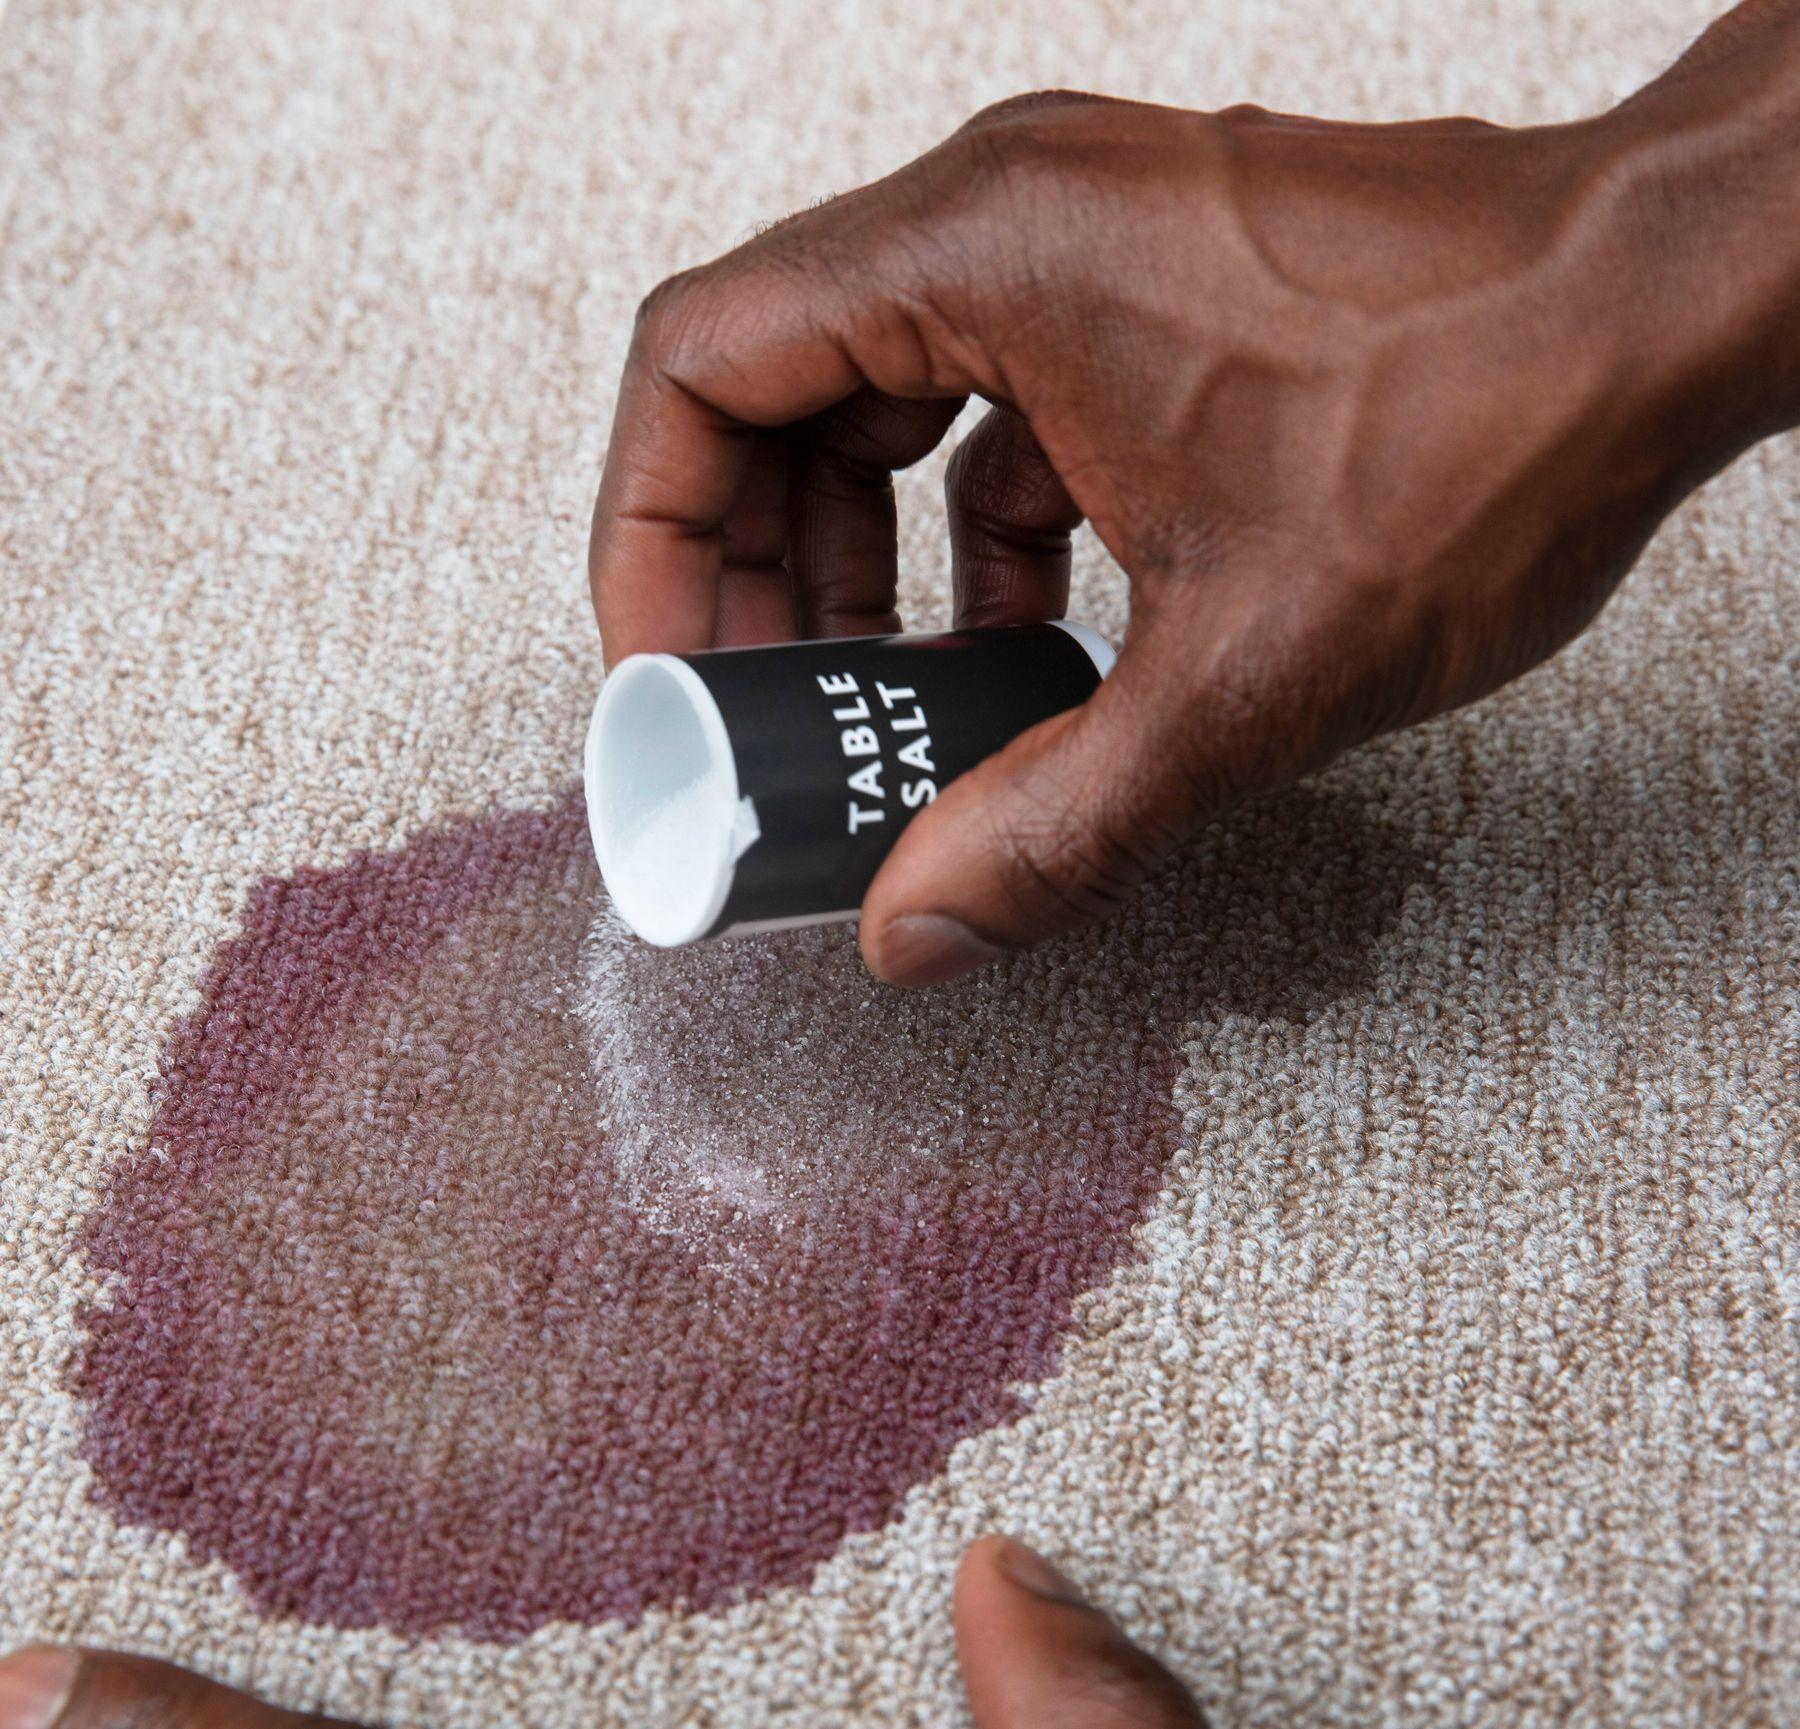 şarap lekesi çıkarma